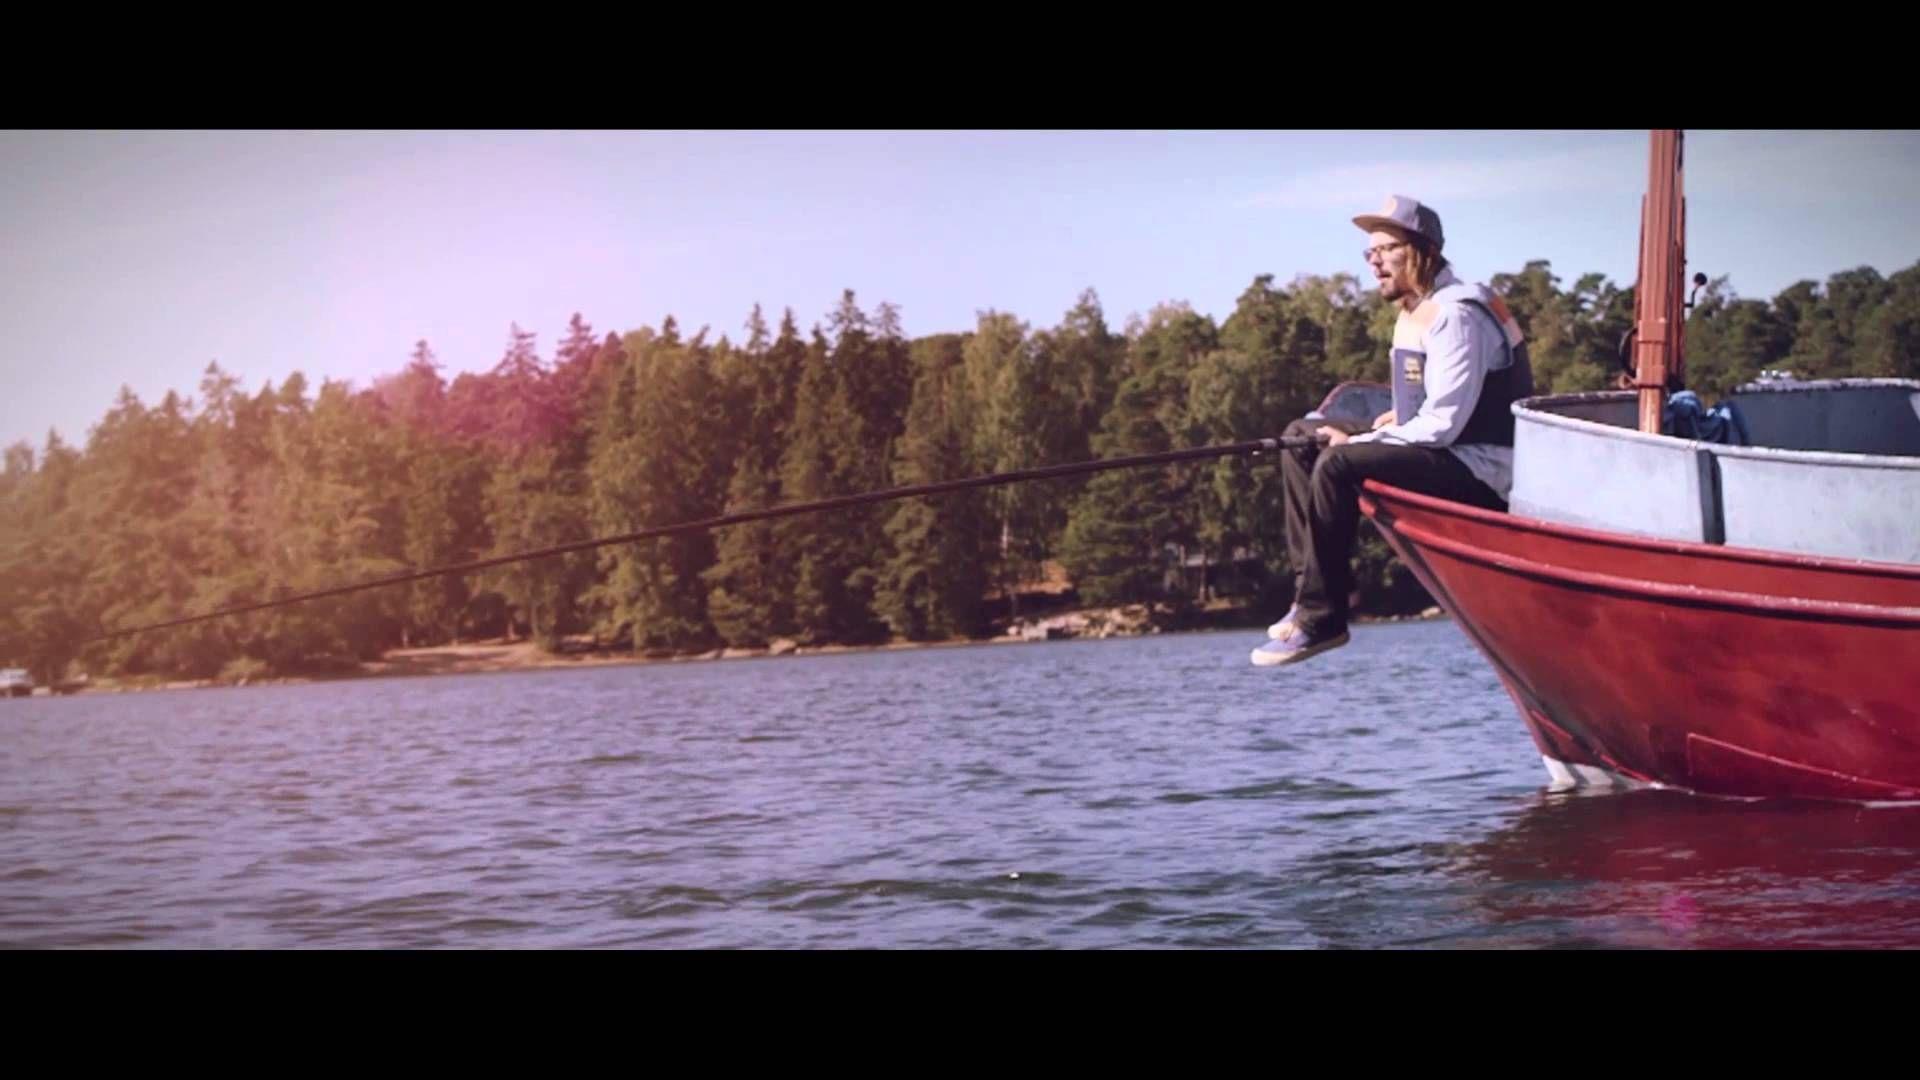 Jukka Poika - Laineet (official video)